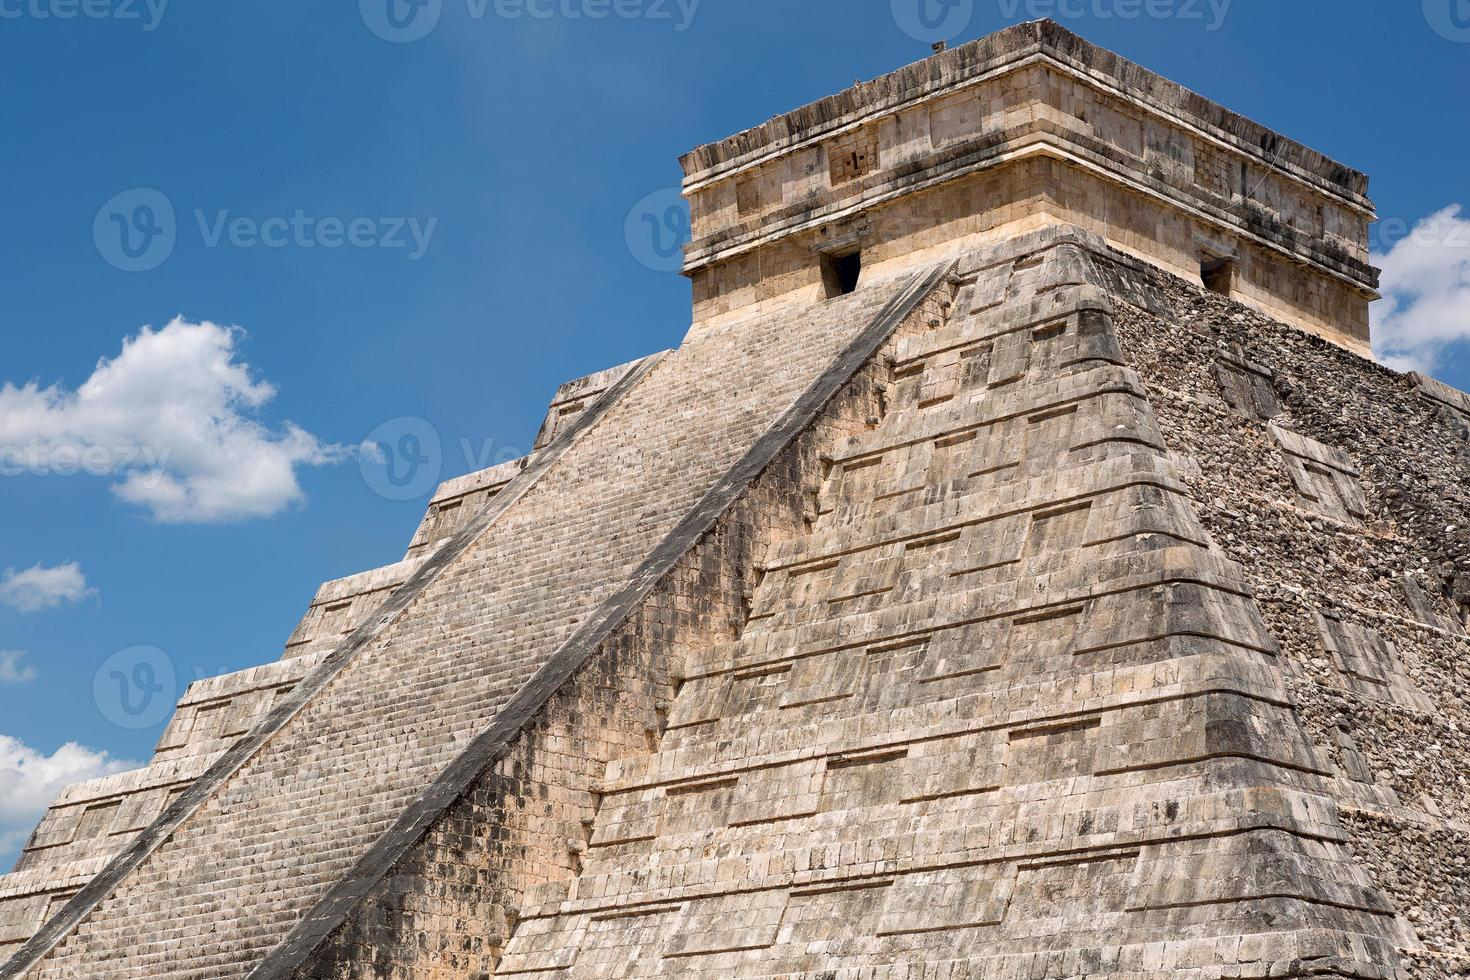 primo piano della piramide di Kukulcan foto